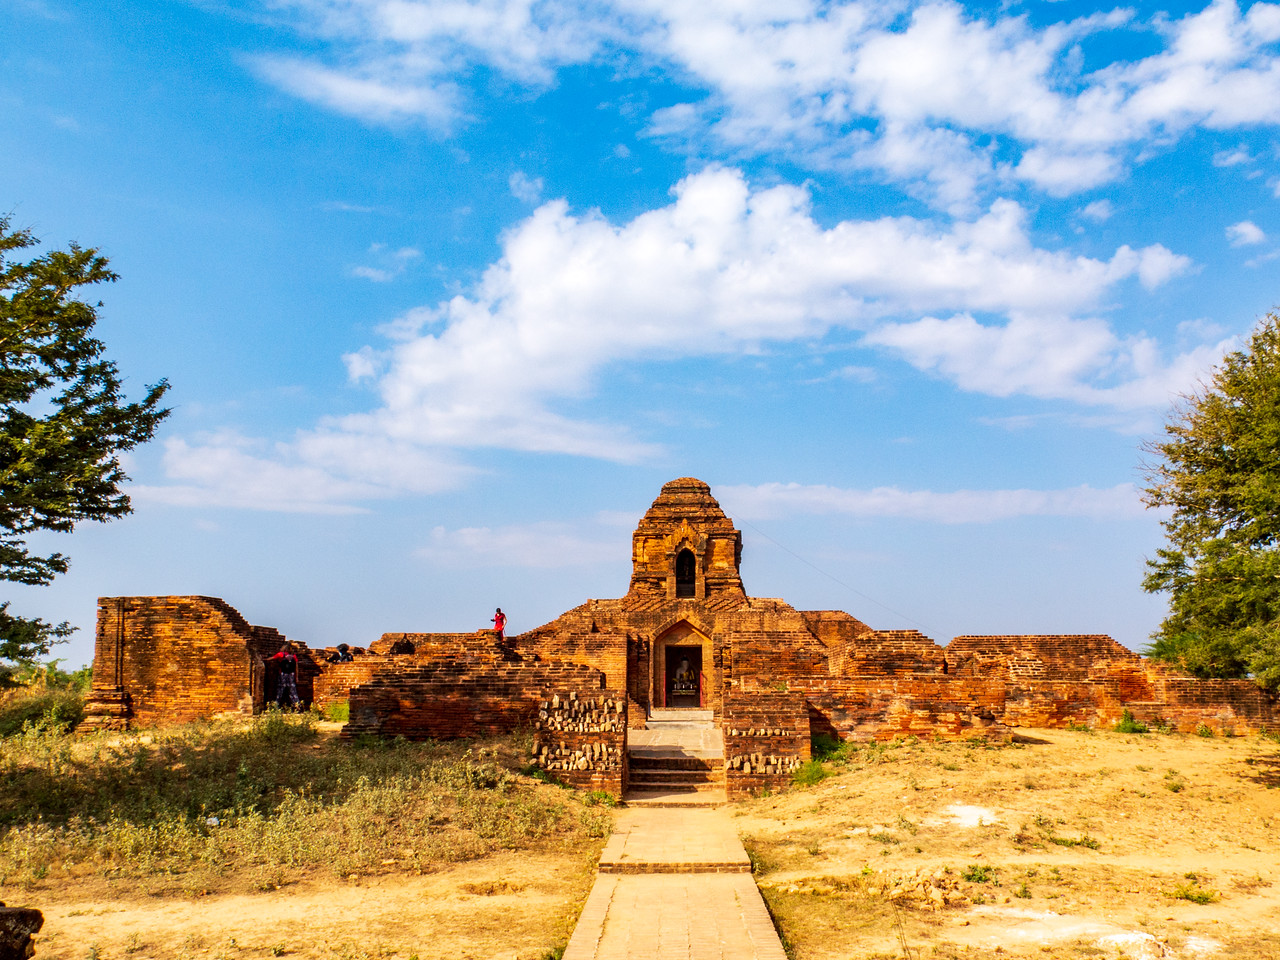 A Small but Beautiful Bagan Pagoda